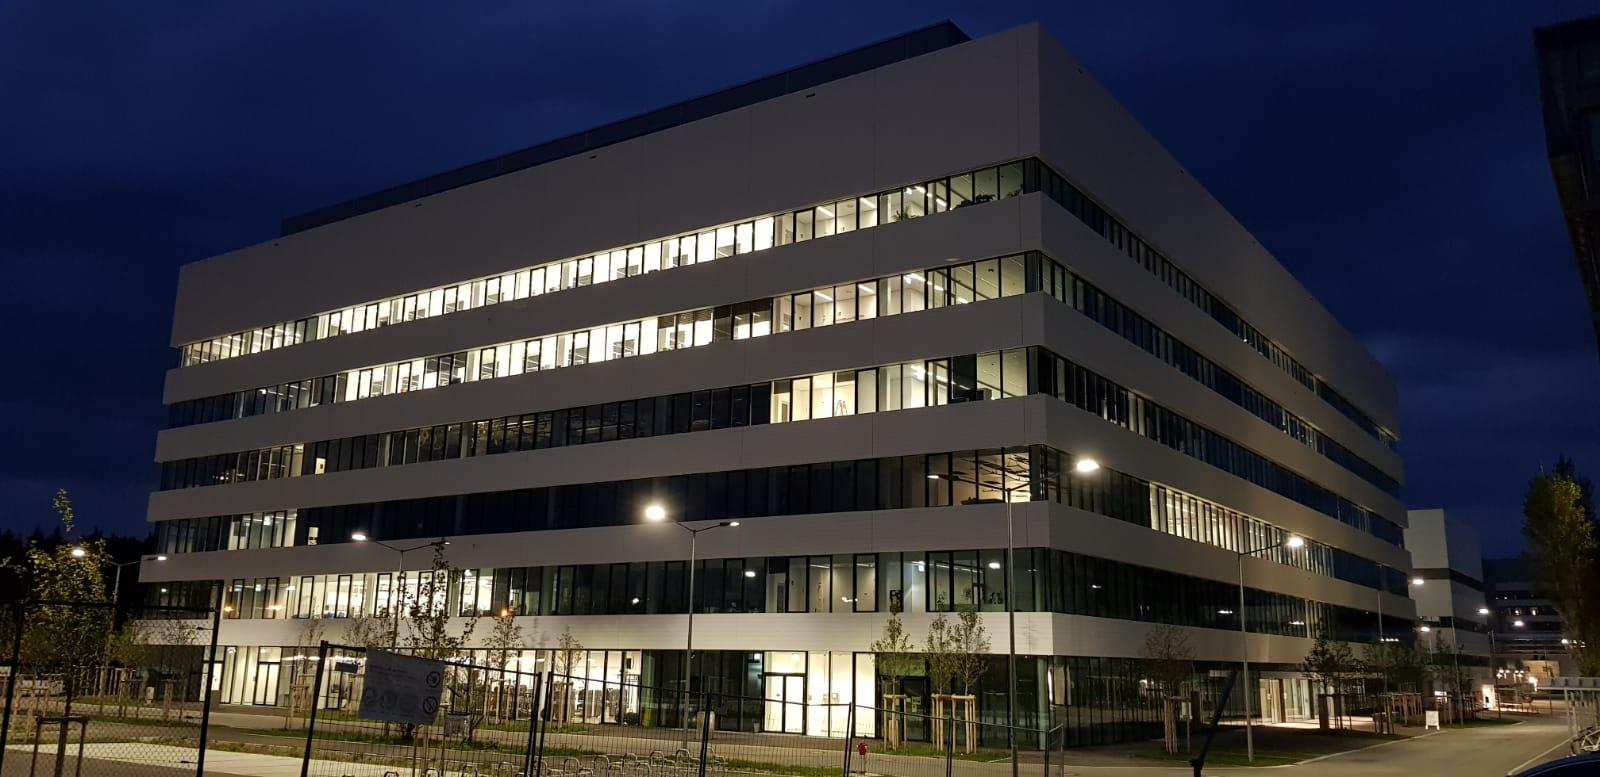 Roche Diagnostics GmbH, Penzberg | SCHAKO | Pure competence